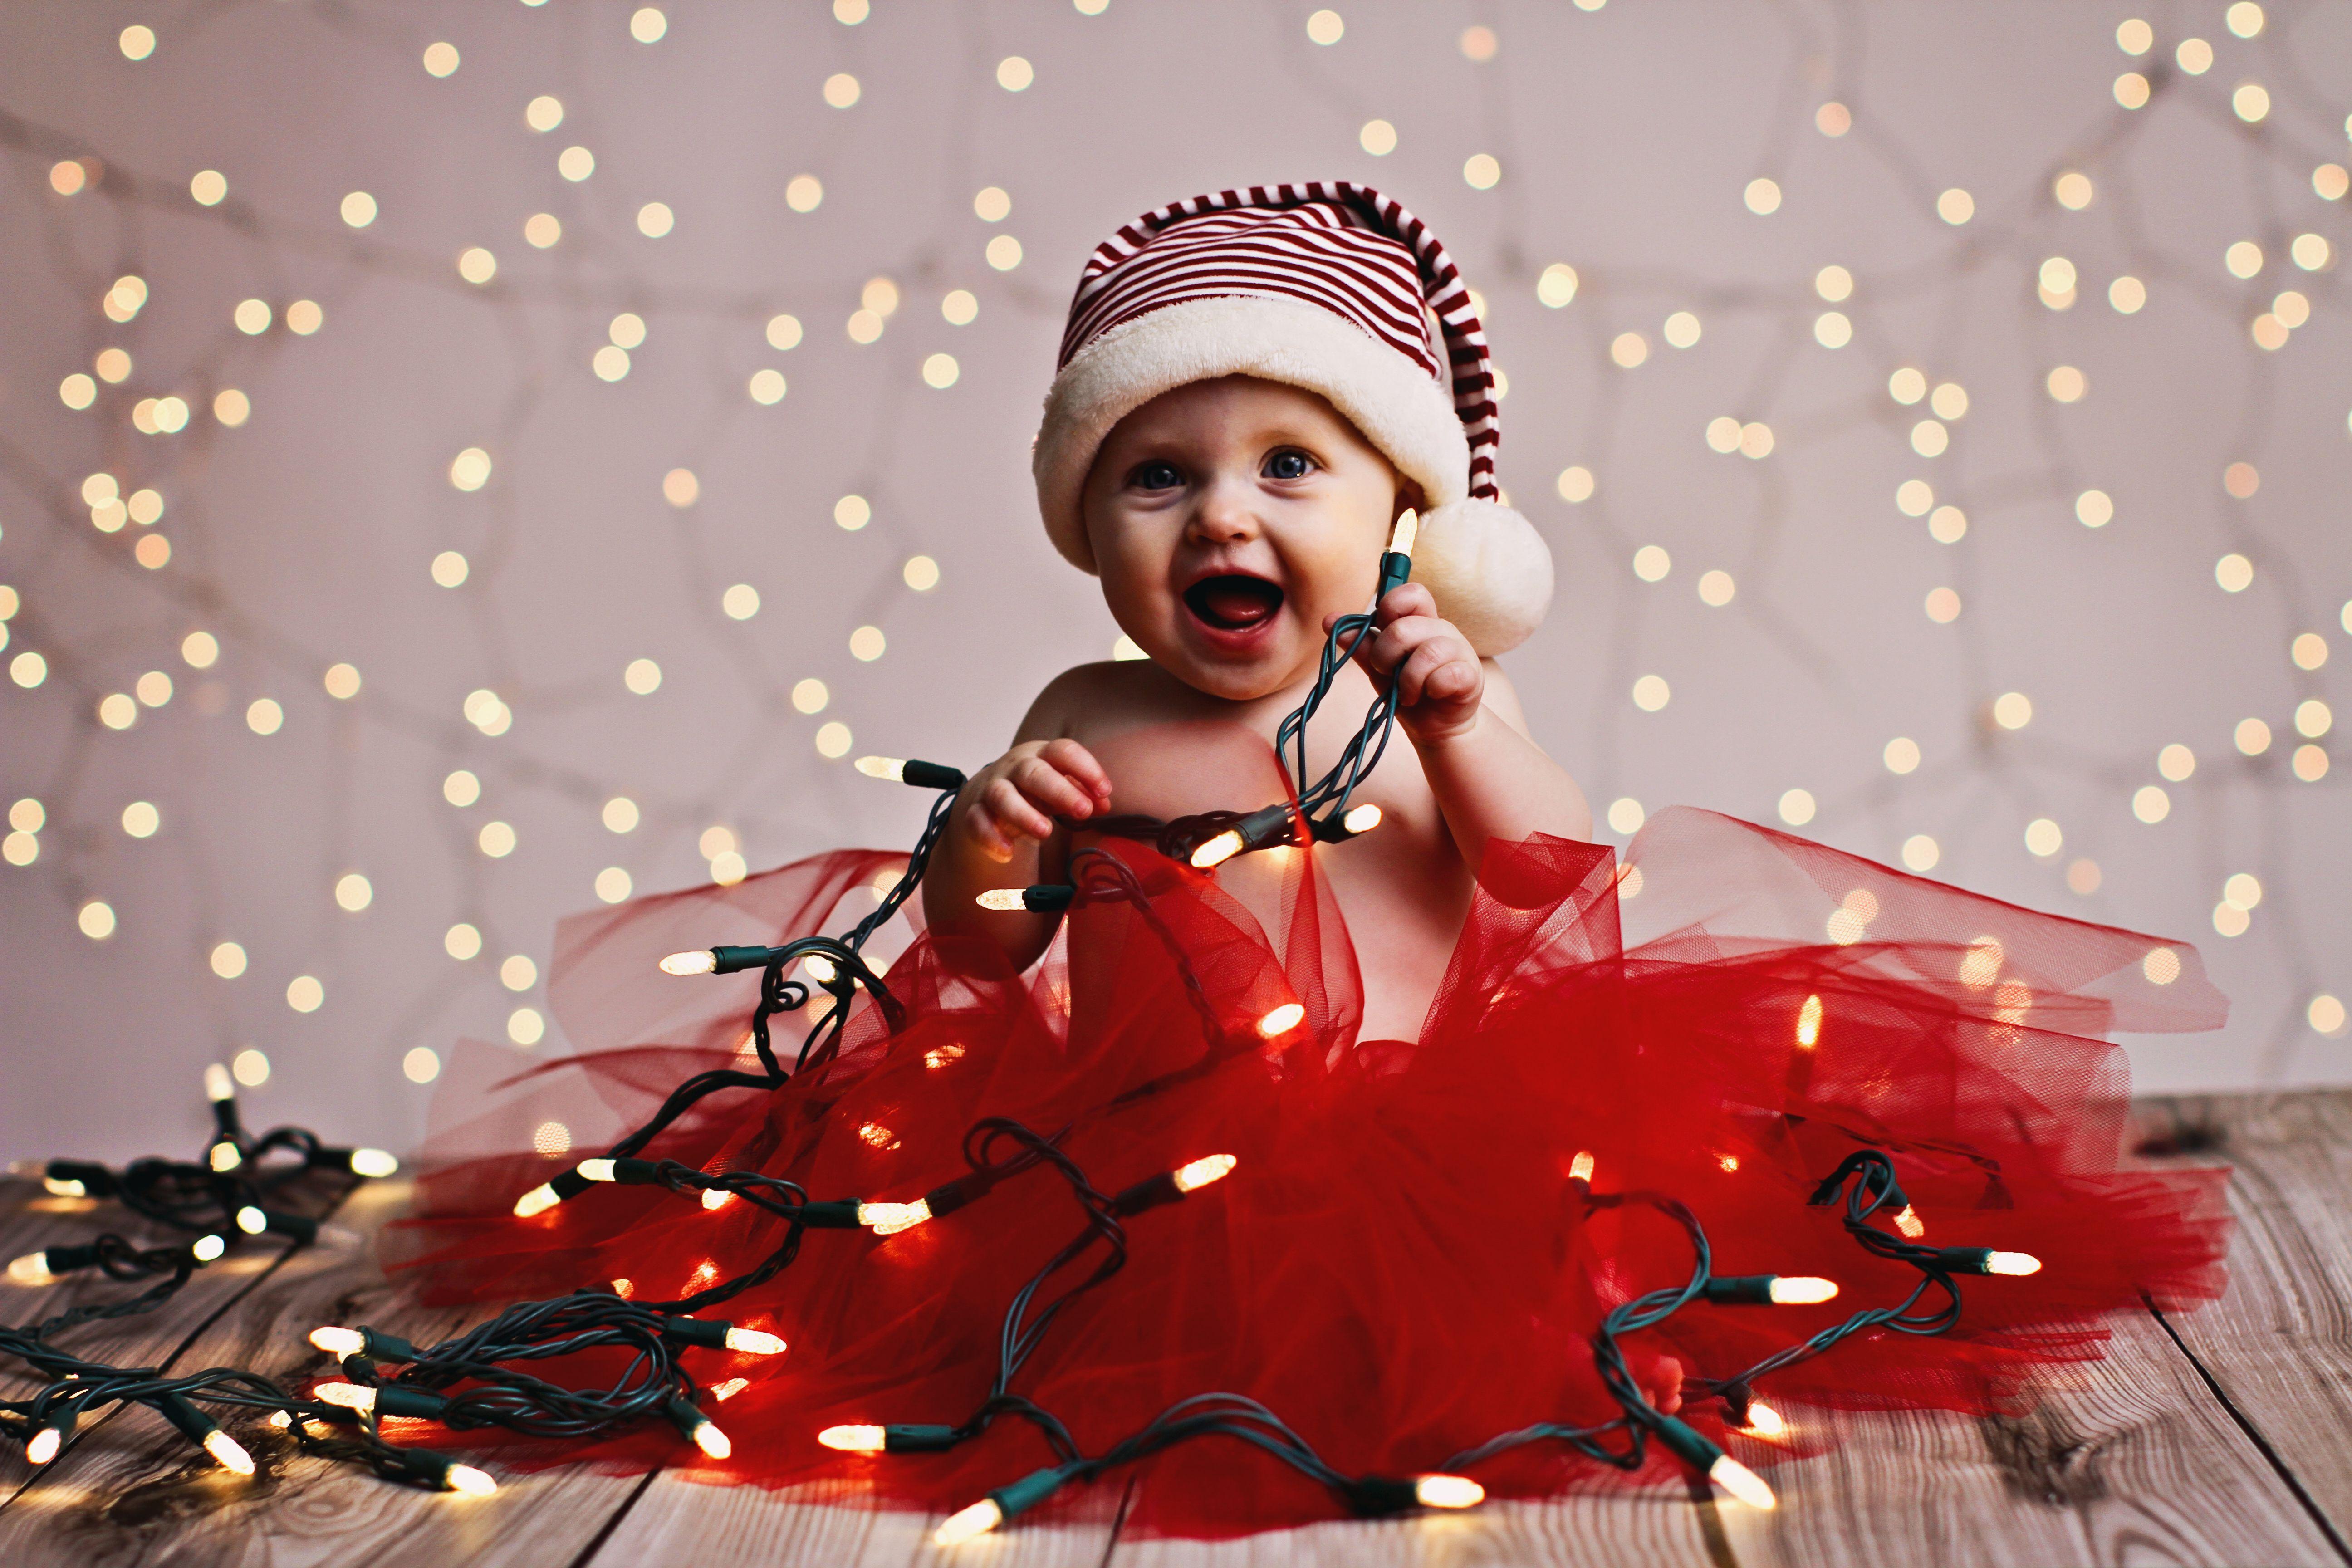 Xmas photos ideas photo ideas pinterest christmas for Cute baby christmas photo ideas